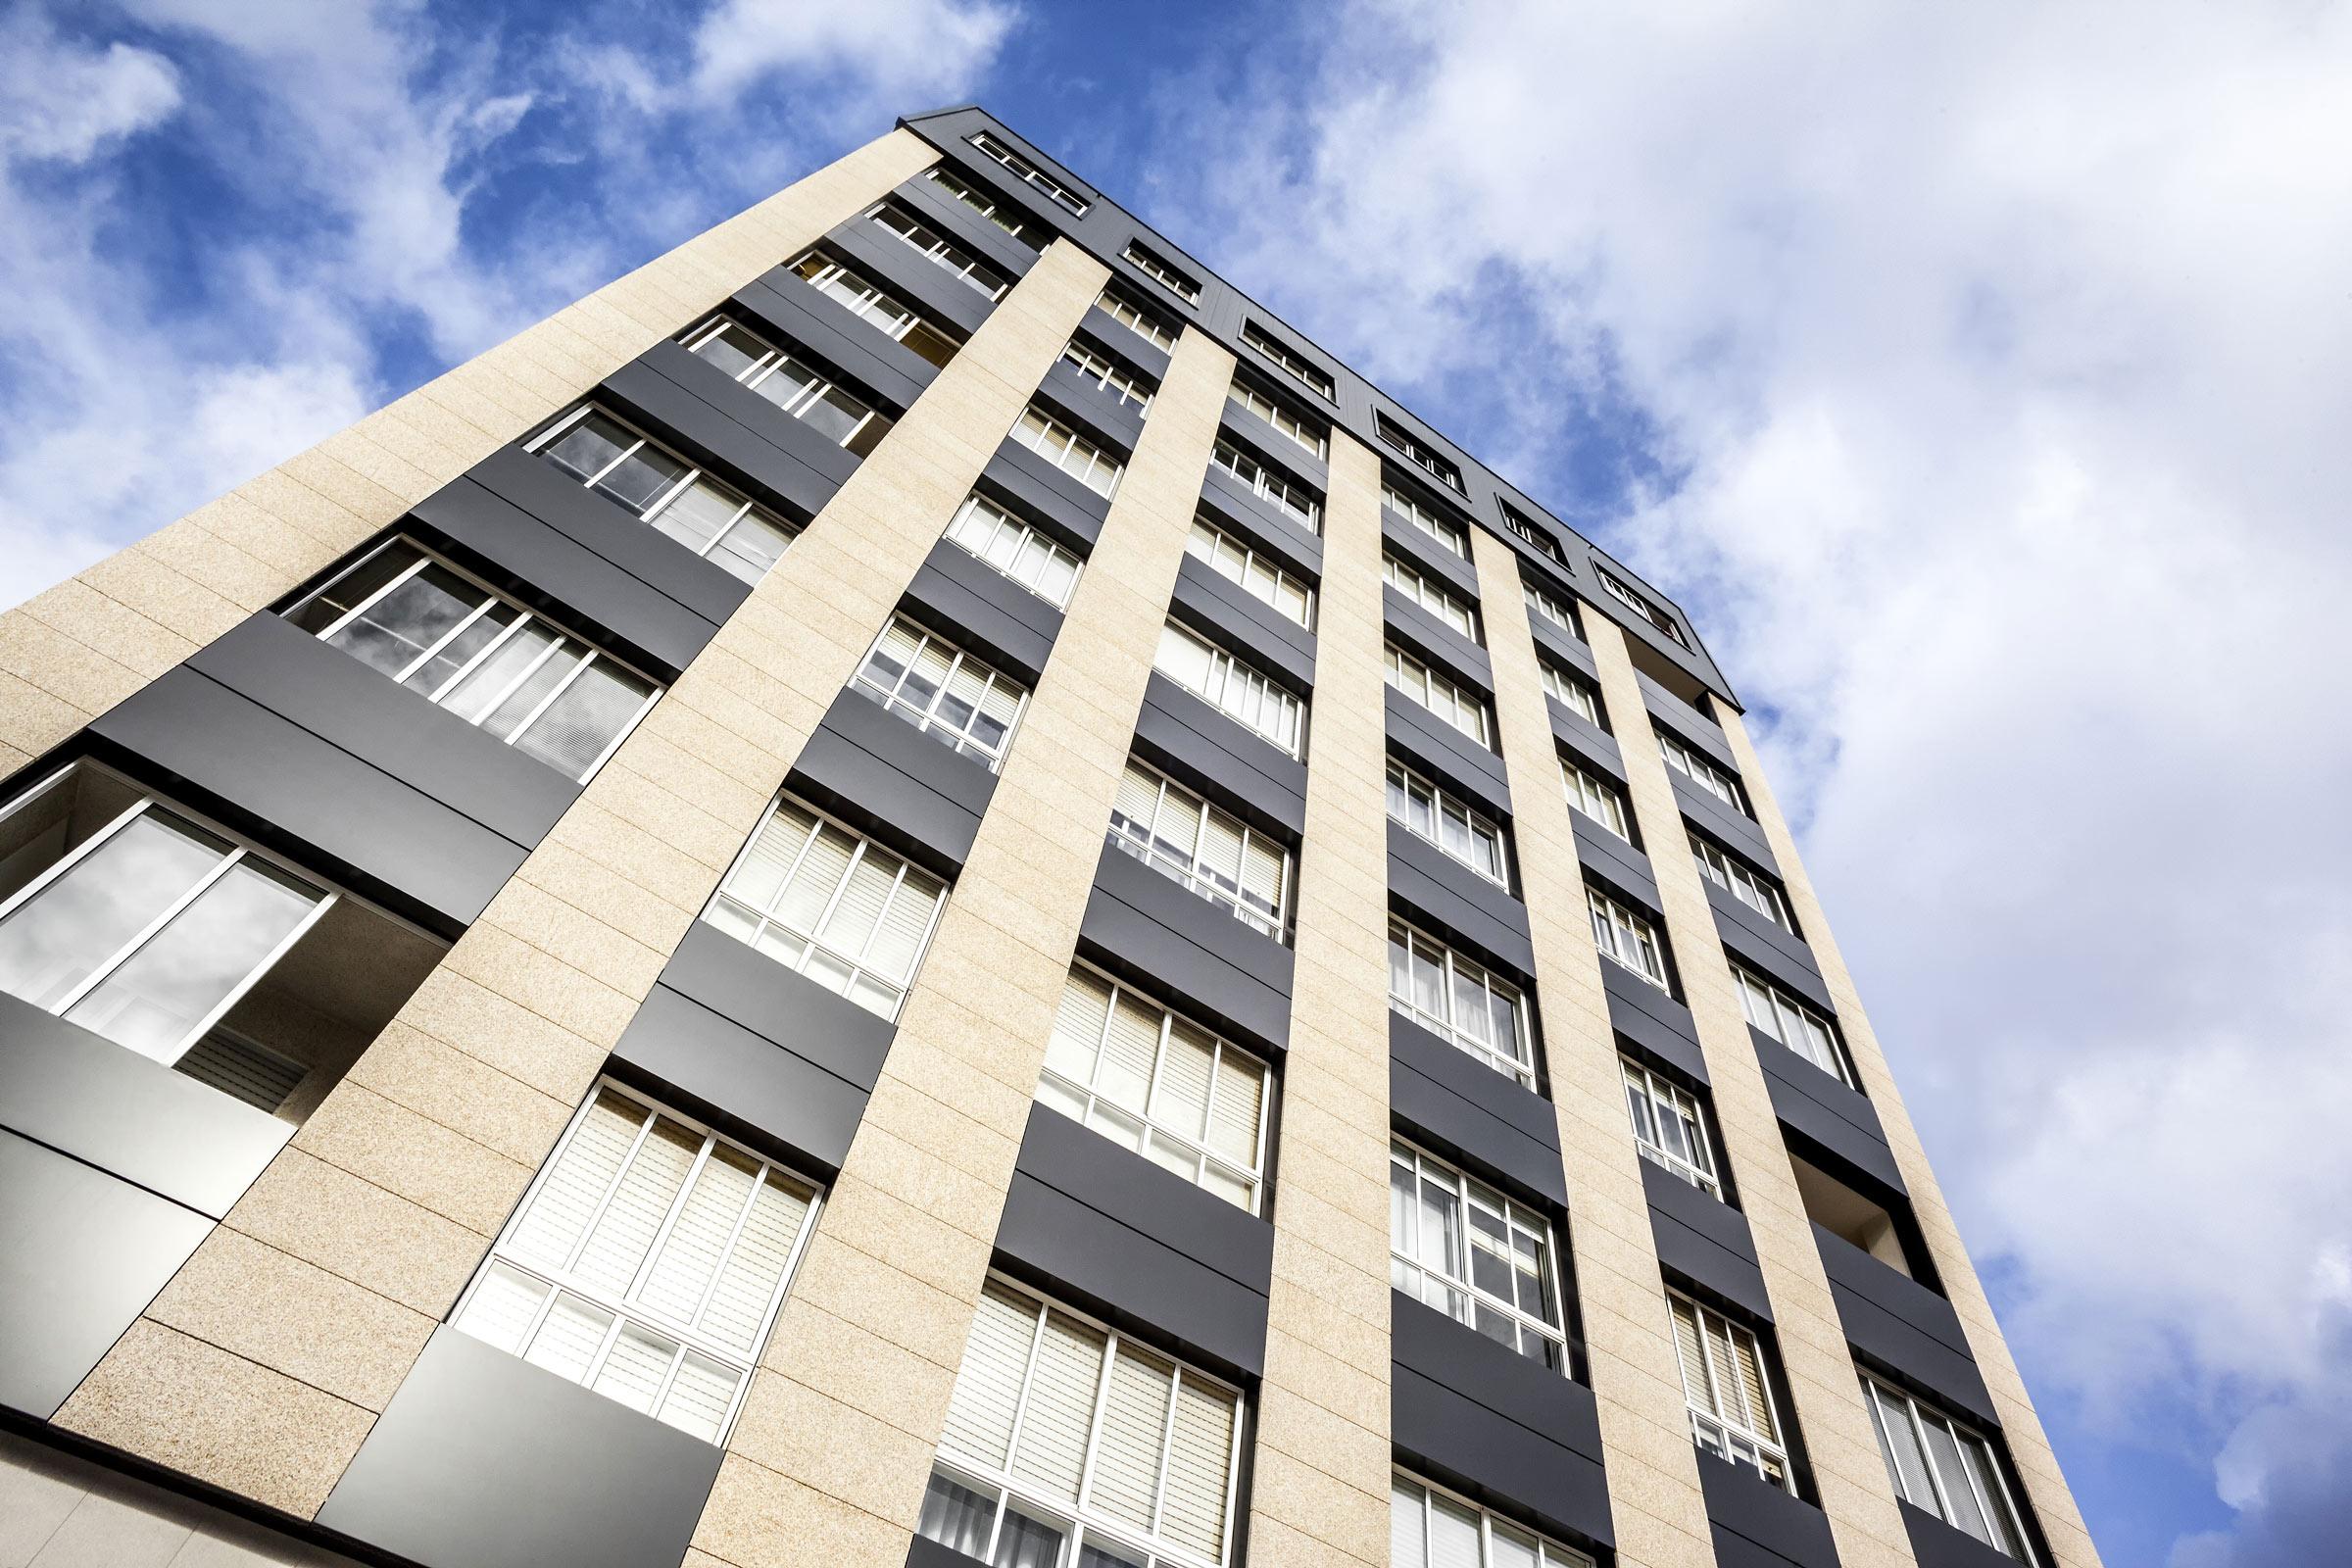 edificio-residencial-vido-STB-408